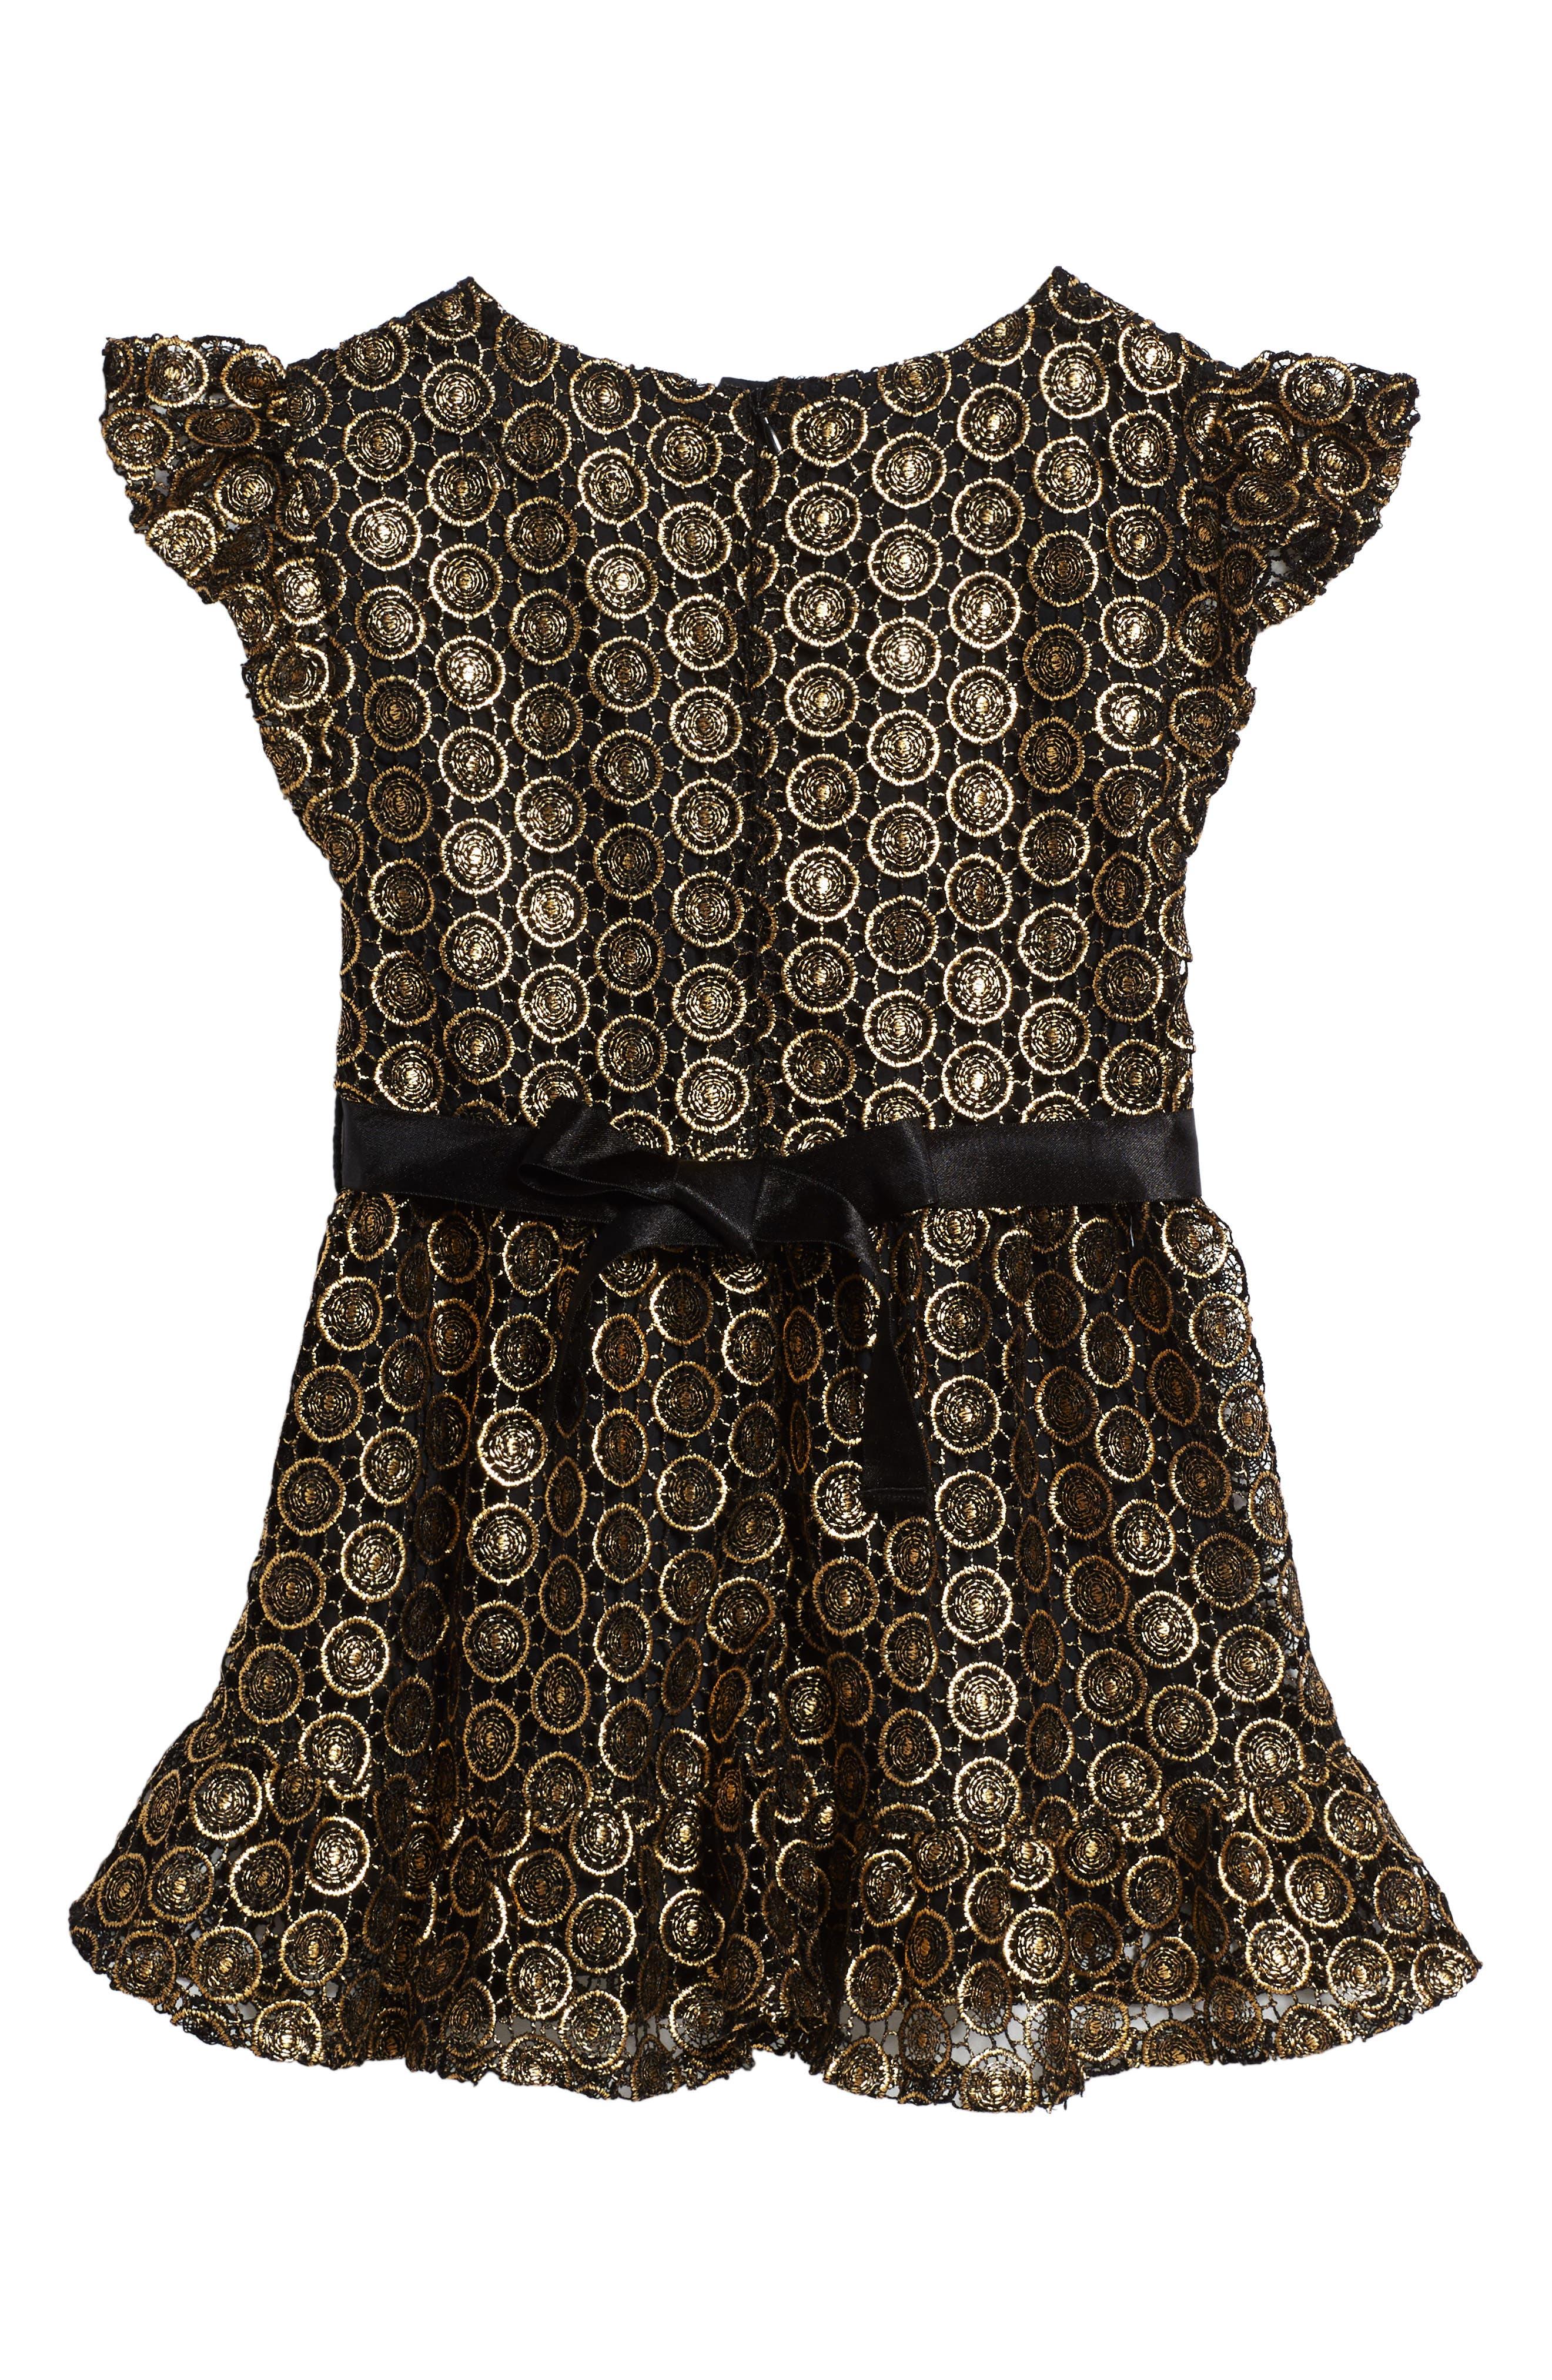 Alternate Image 2  - Peek Metallic Lace Dress (Toddler Girls, Little Girls & Big Girls)